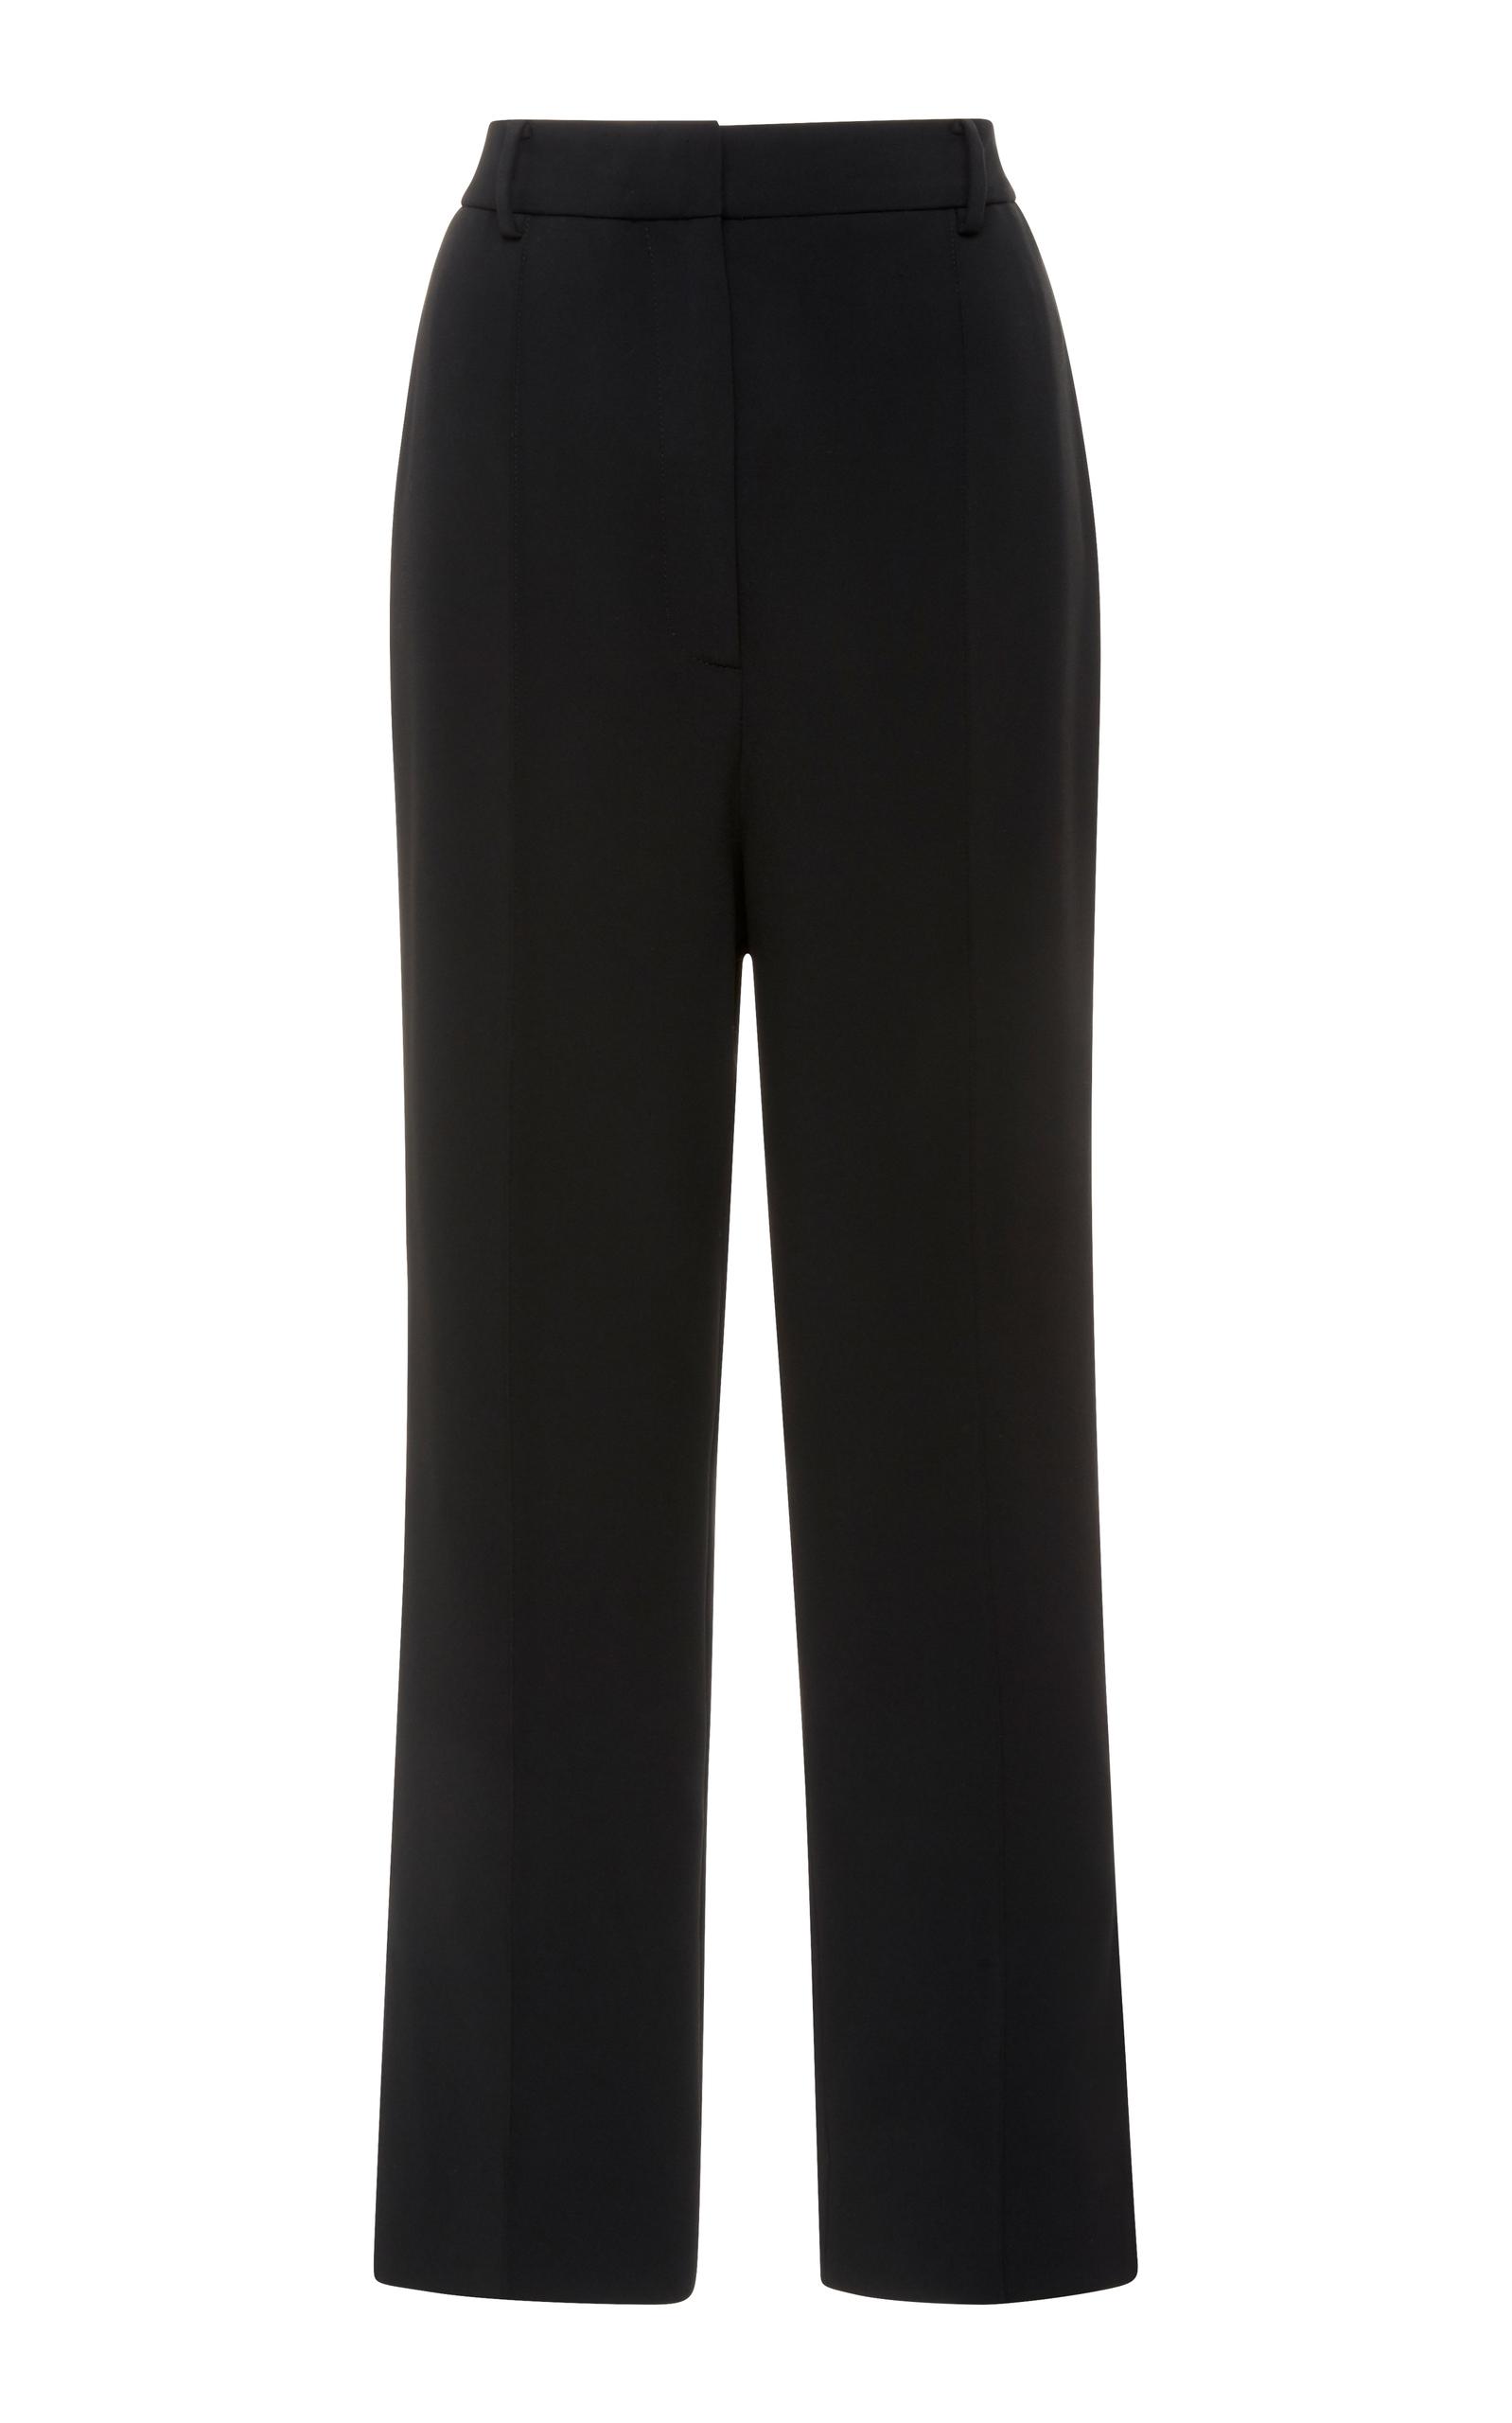 Low Price Cheap Online Khaite Kyle trousers Browse Cheap Price How Much Cheap Price x4wHC